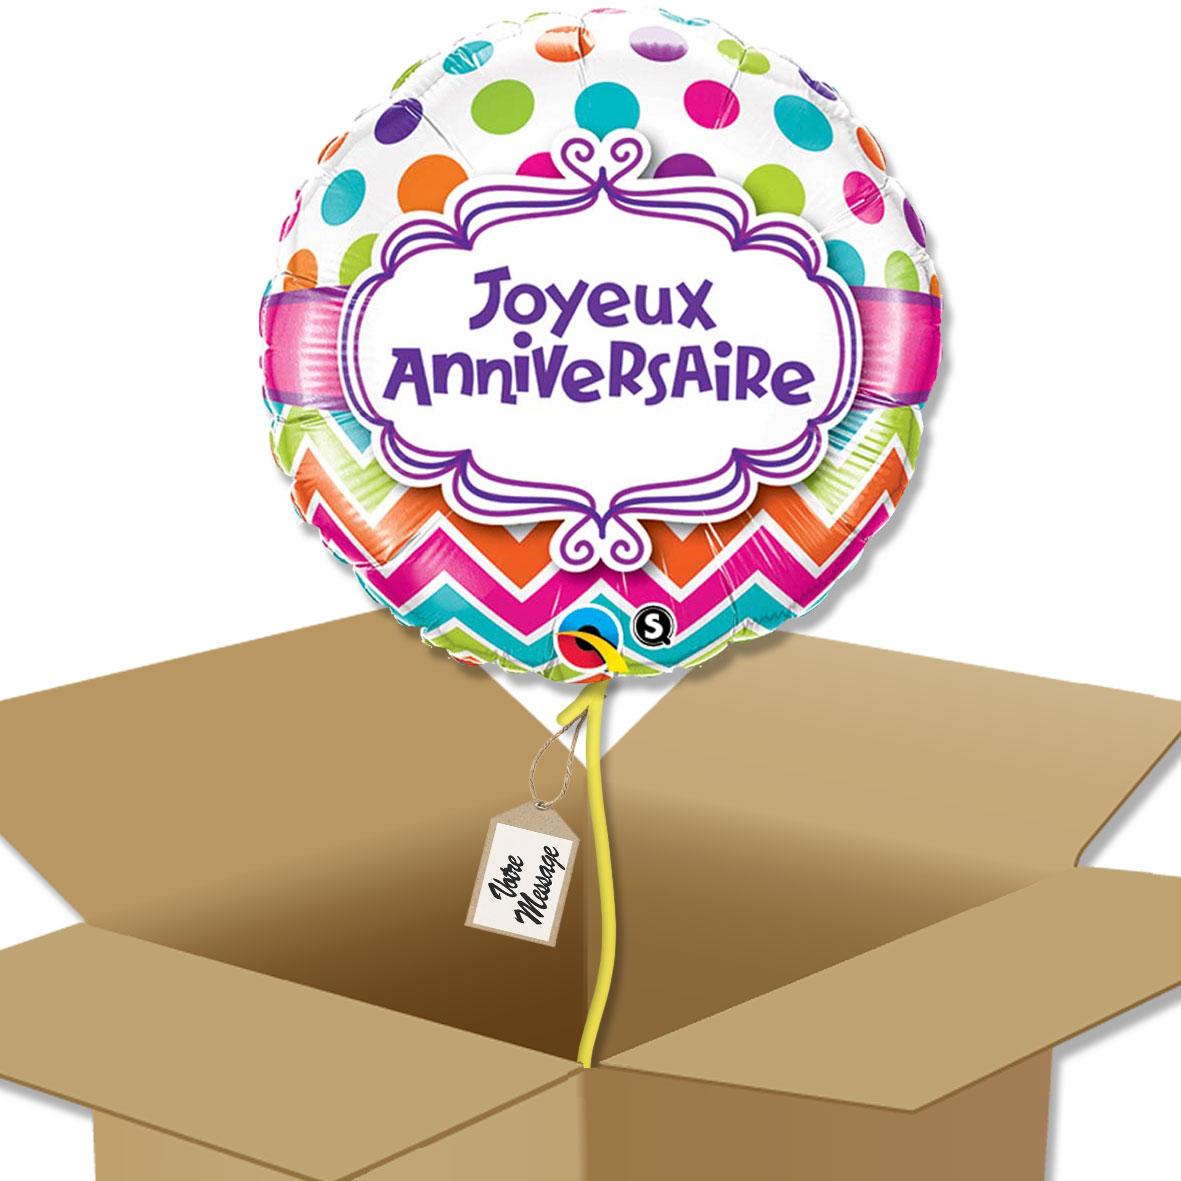 Cartes De Voeux Papeterie Maison Raye Personnalise Surprise Carte Anniversaire Carte Anniversaire Nom Coeur